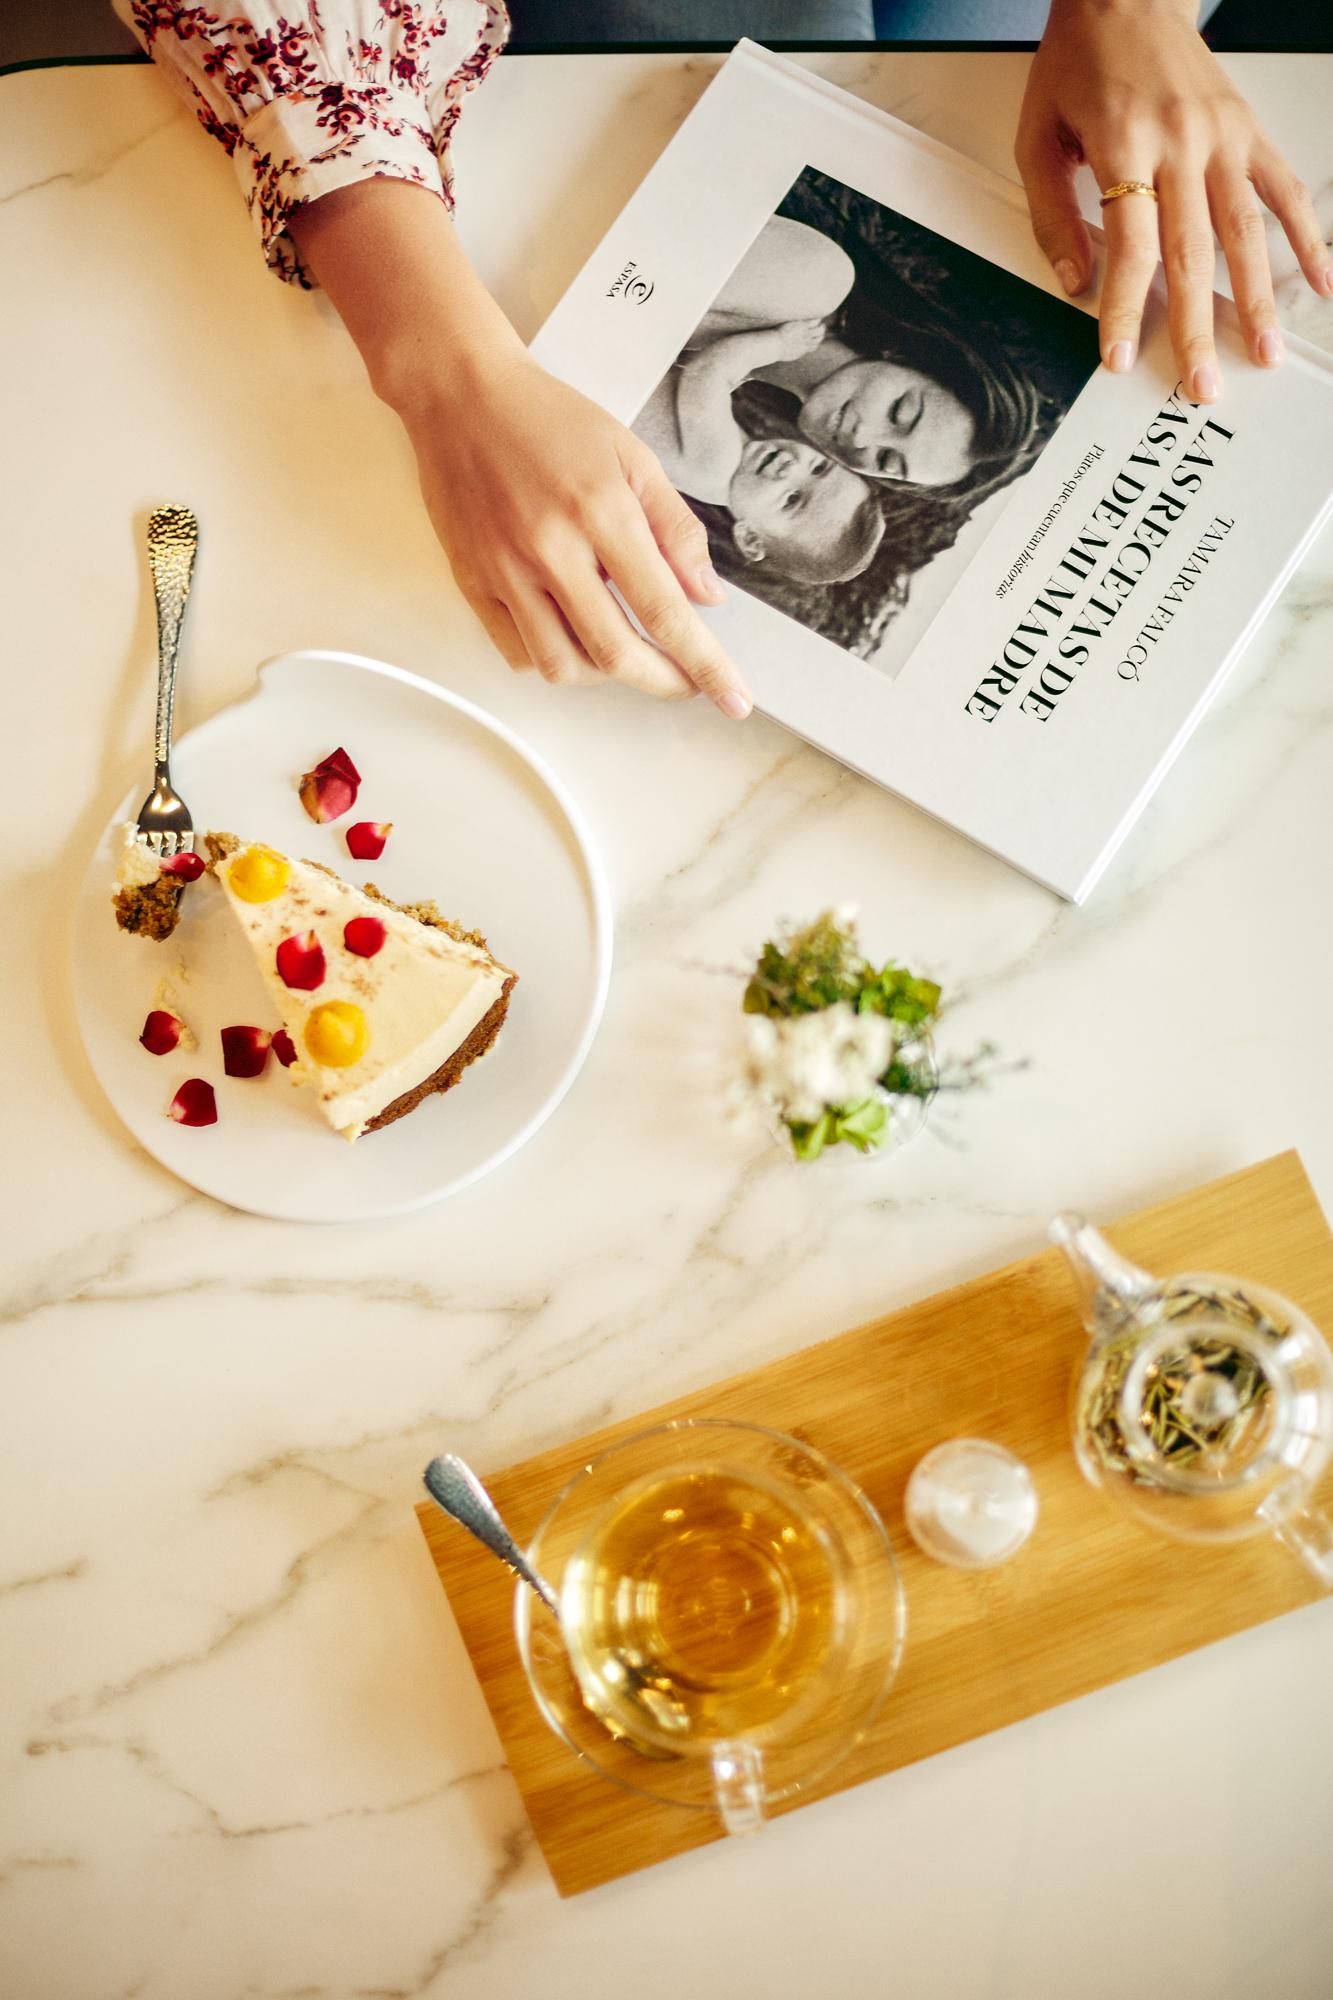 En su libro, cada receta tiene una historia de familia tras de sí.